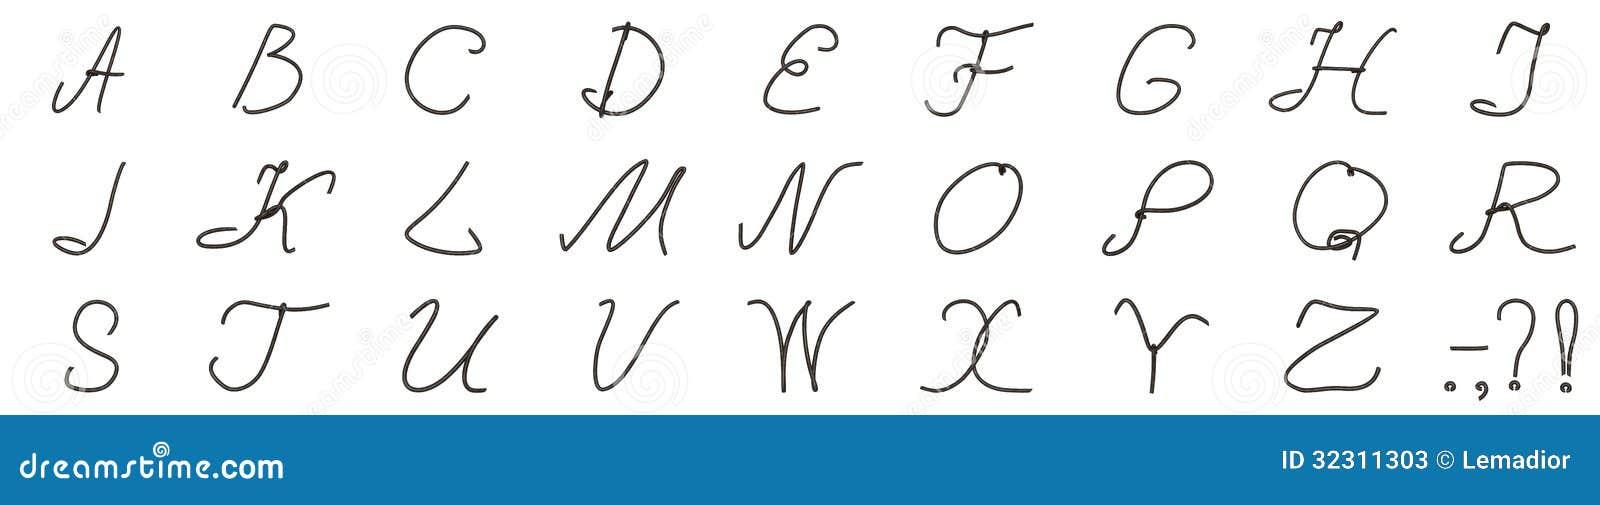 Ein Satz Buchstaben Vom Alten Draht Stock Abbildung - Illustration ...